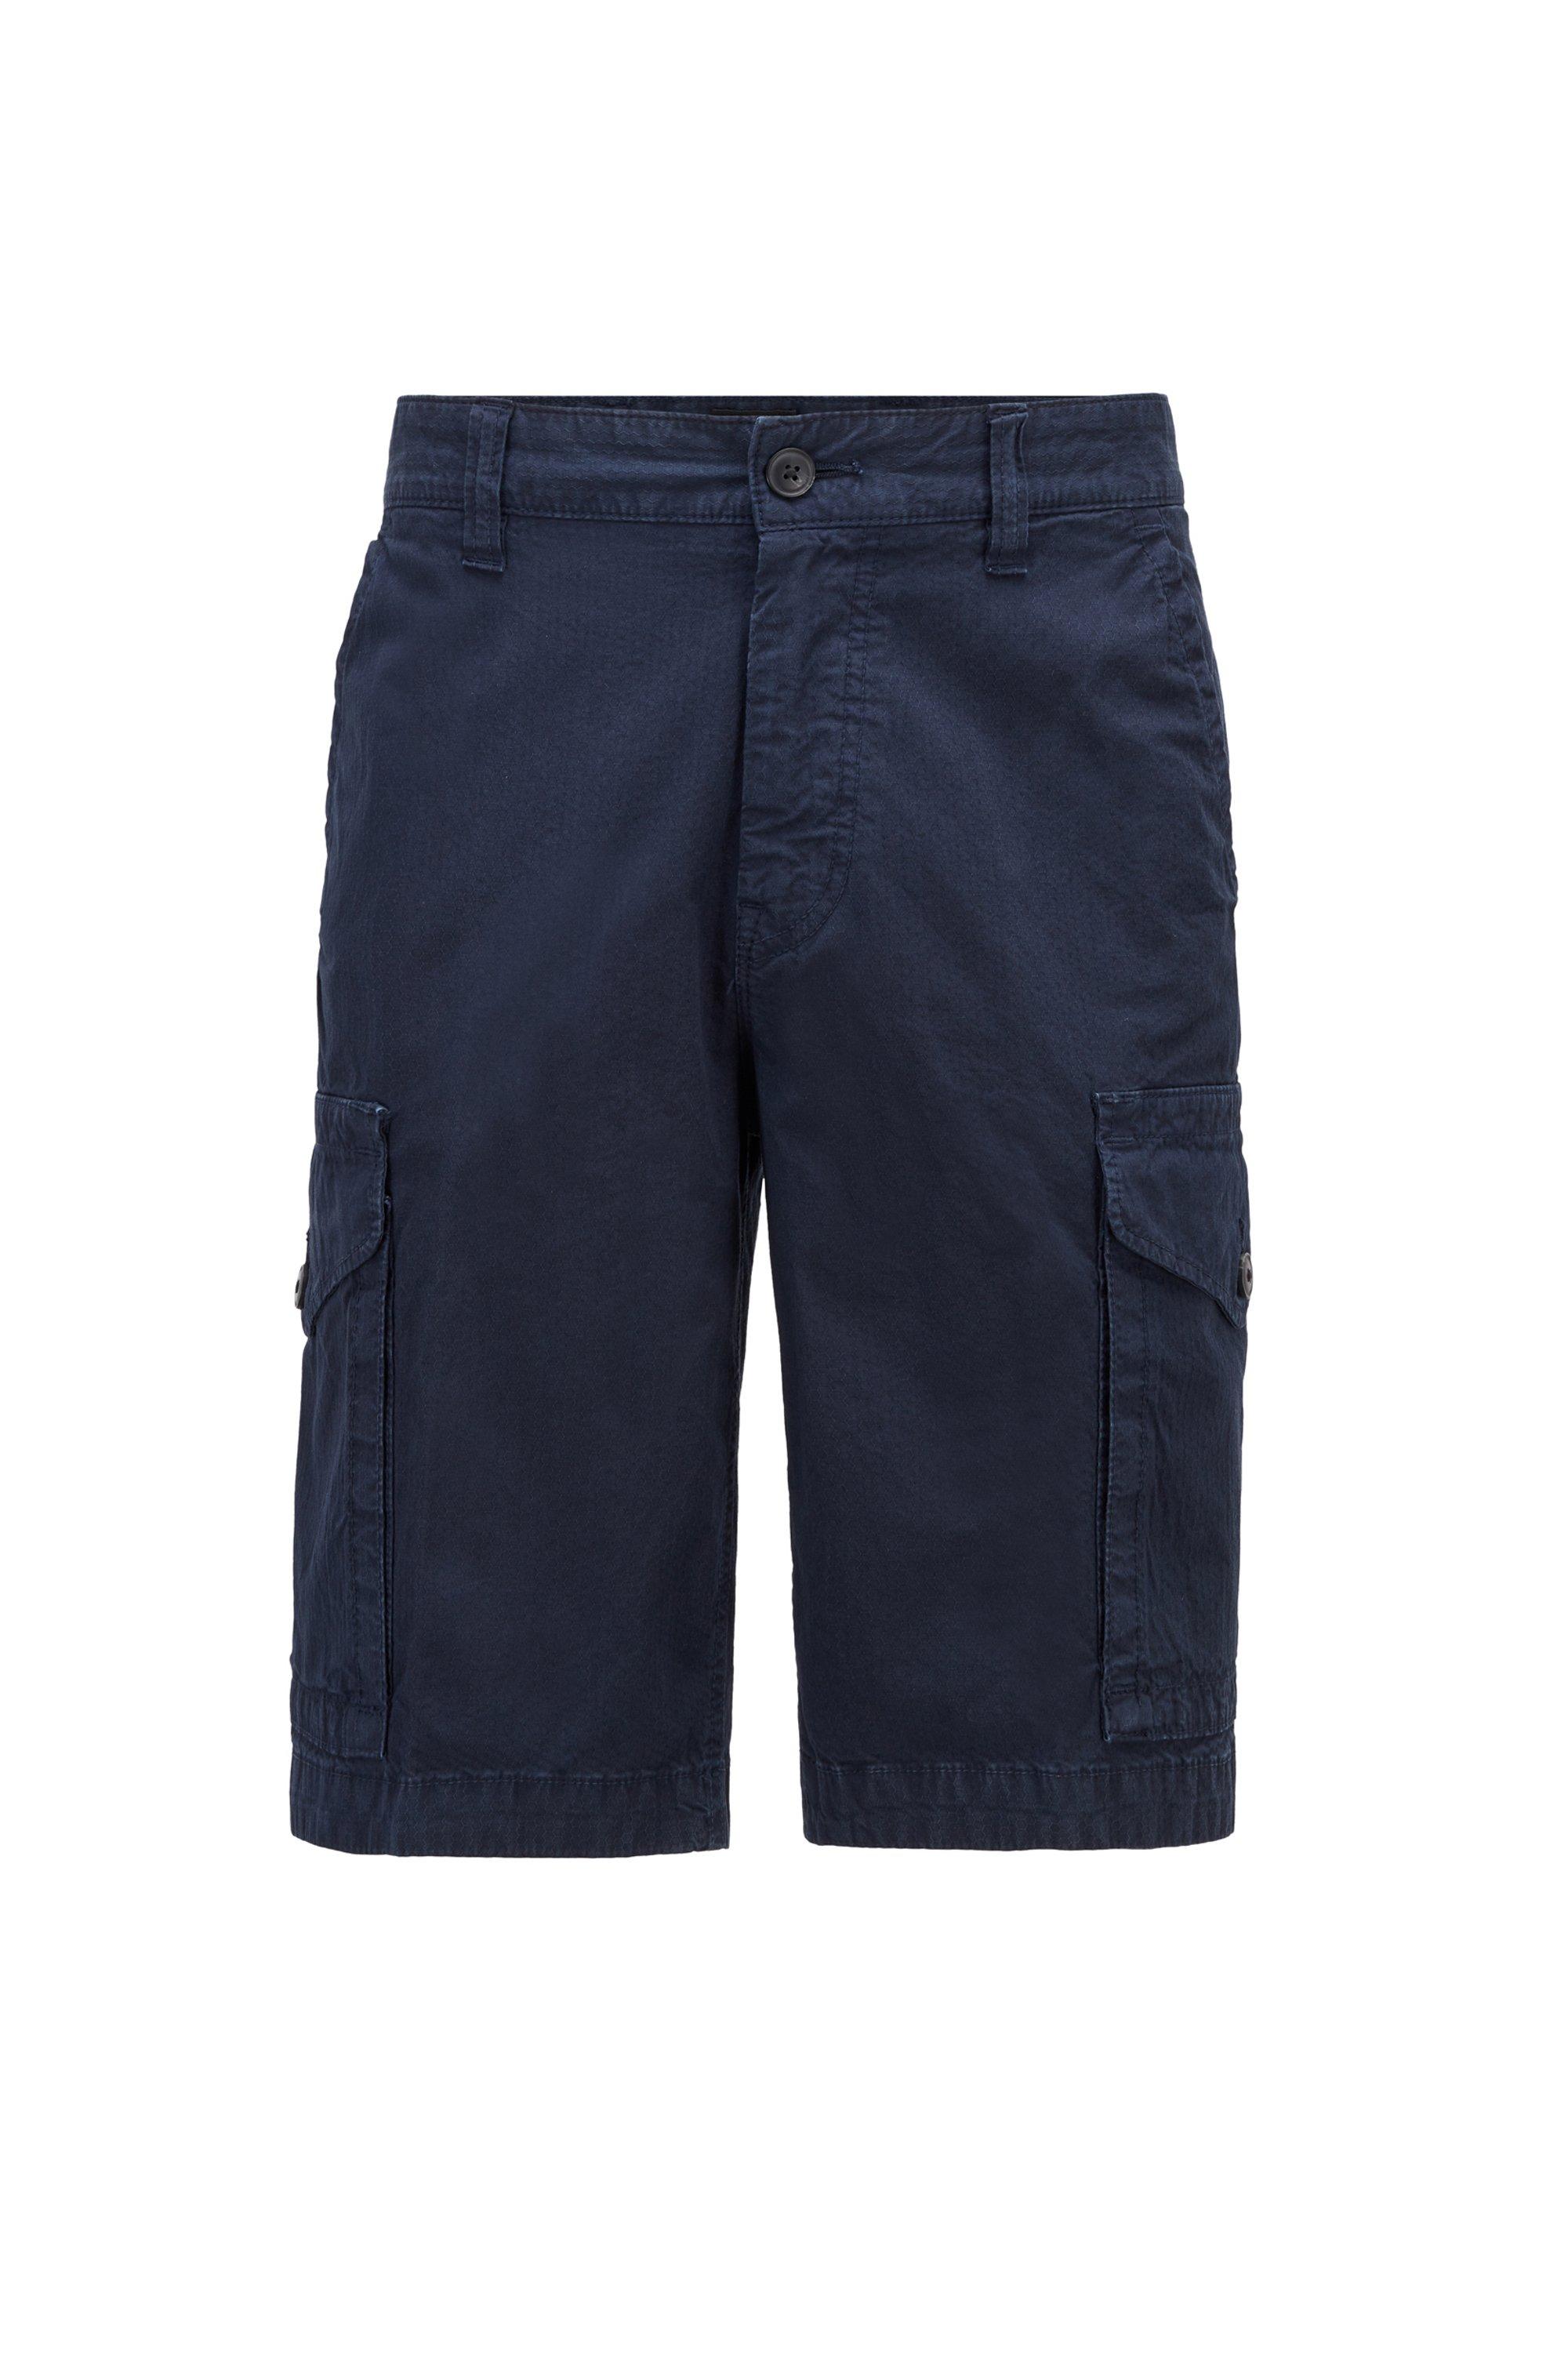 Short cargo Tapered Fit en coton stretch structuré, Bleu foncé